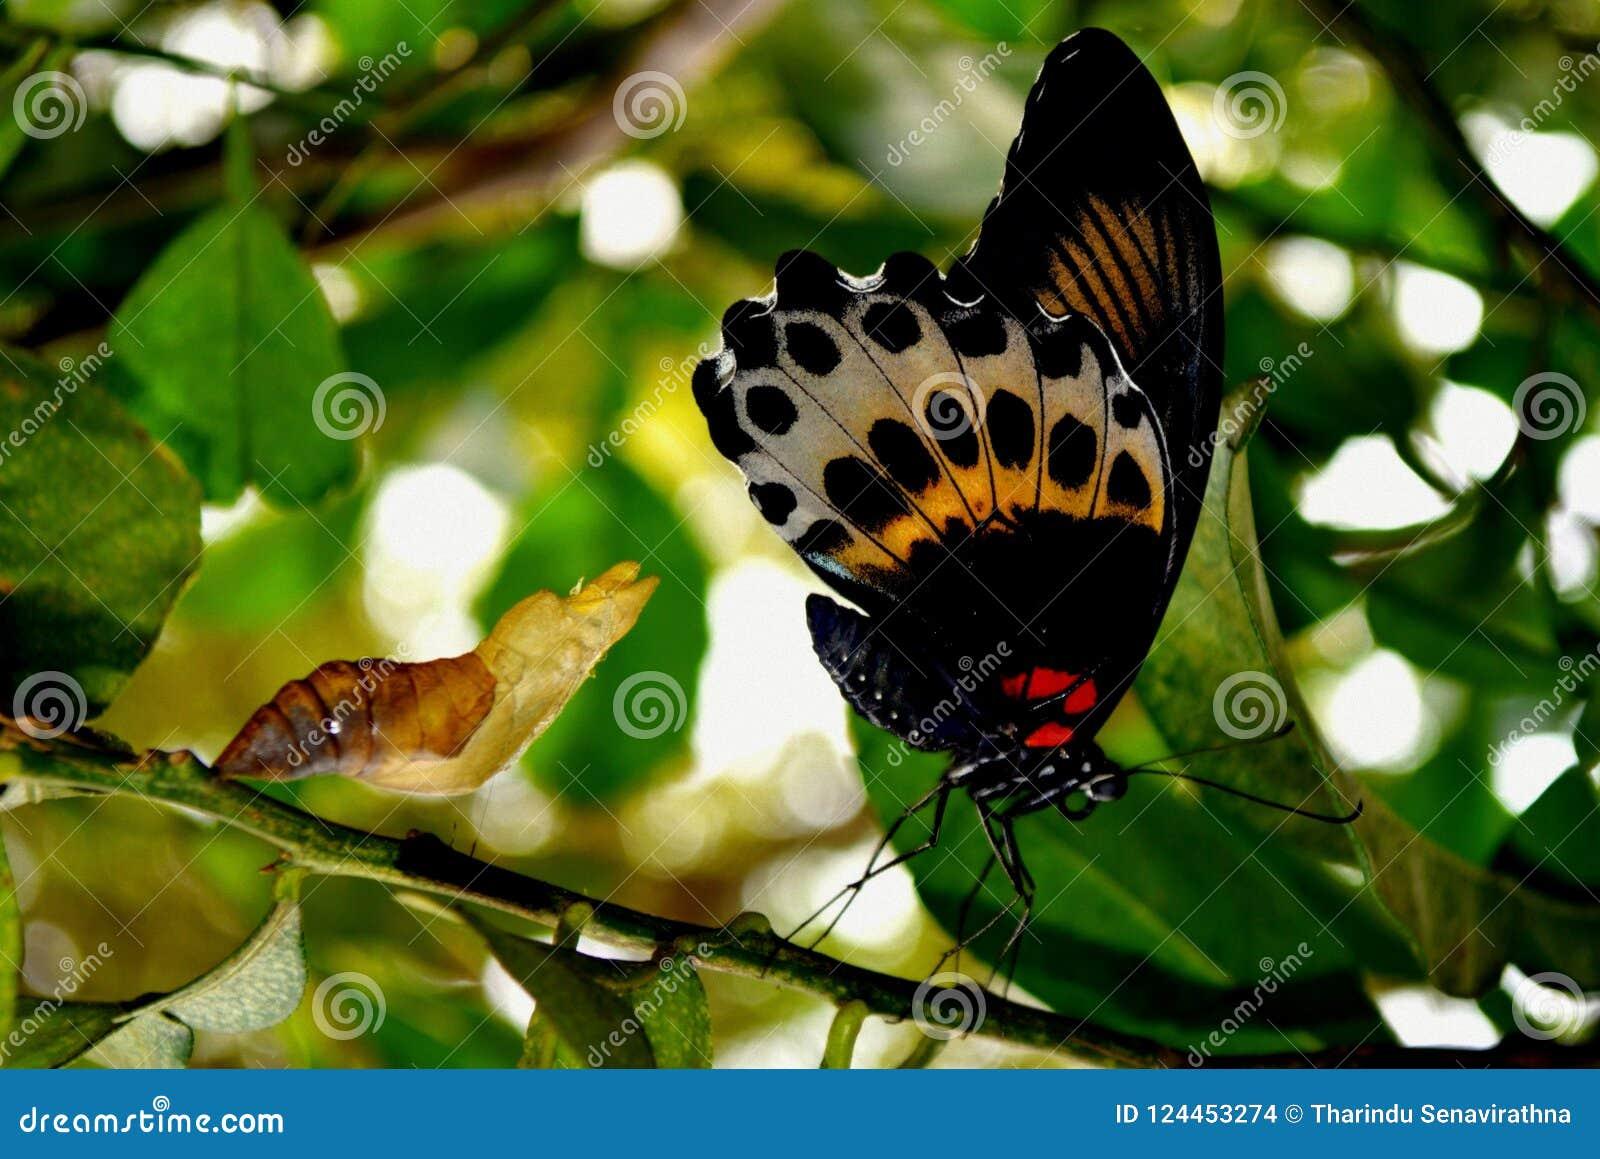 Przekład Delphi, karmazyn róża - motyl, Uskrzydla Vetical w profilu